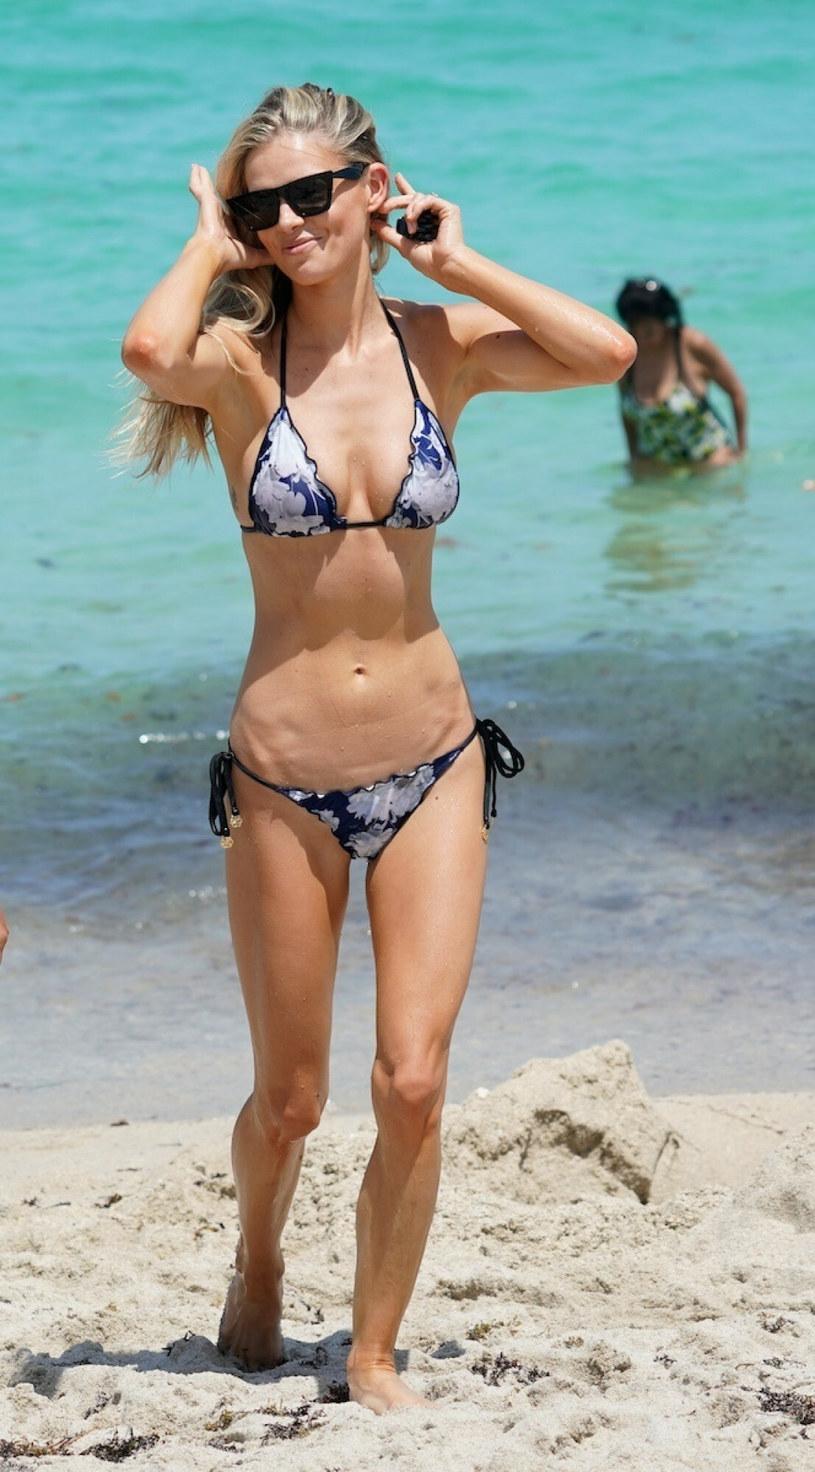 Danielle Knudson zachwyciła w skąpym bikini /Pichichipixx.com / SplashNews.com /East News